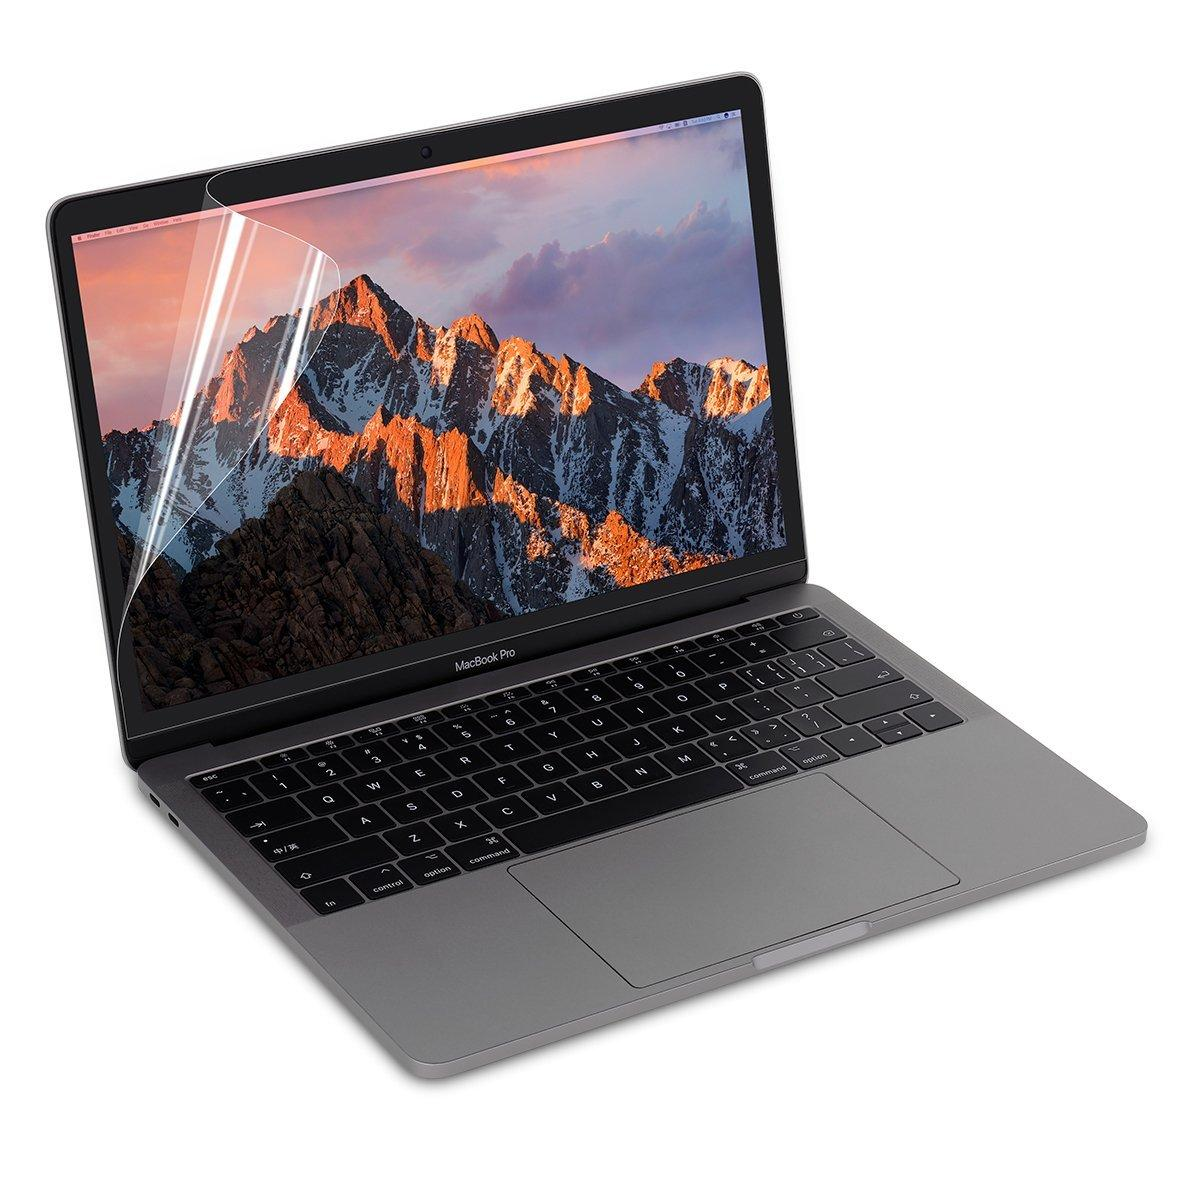 dán bảo vệ  Full 3in1 JCPAL cho  Macbook pro 15 inch (2011 và 2012) - Hàng Chính Hãng